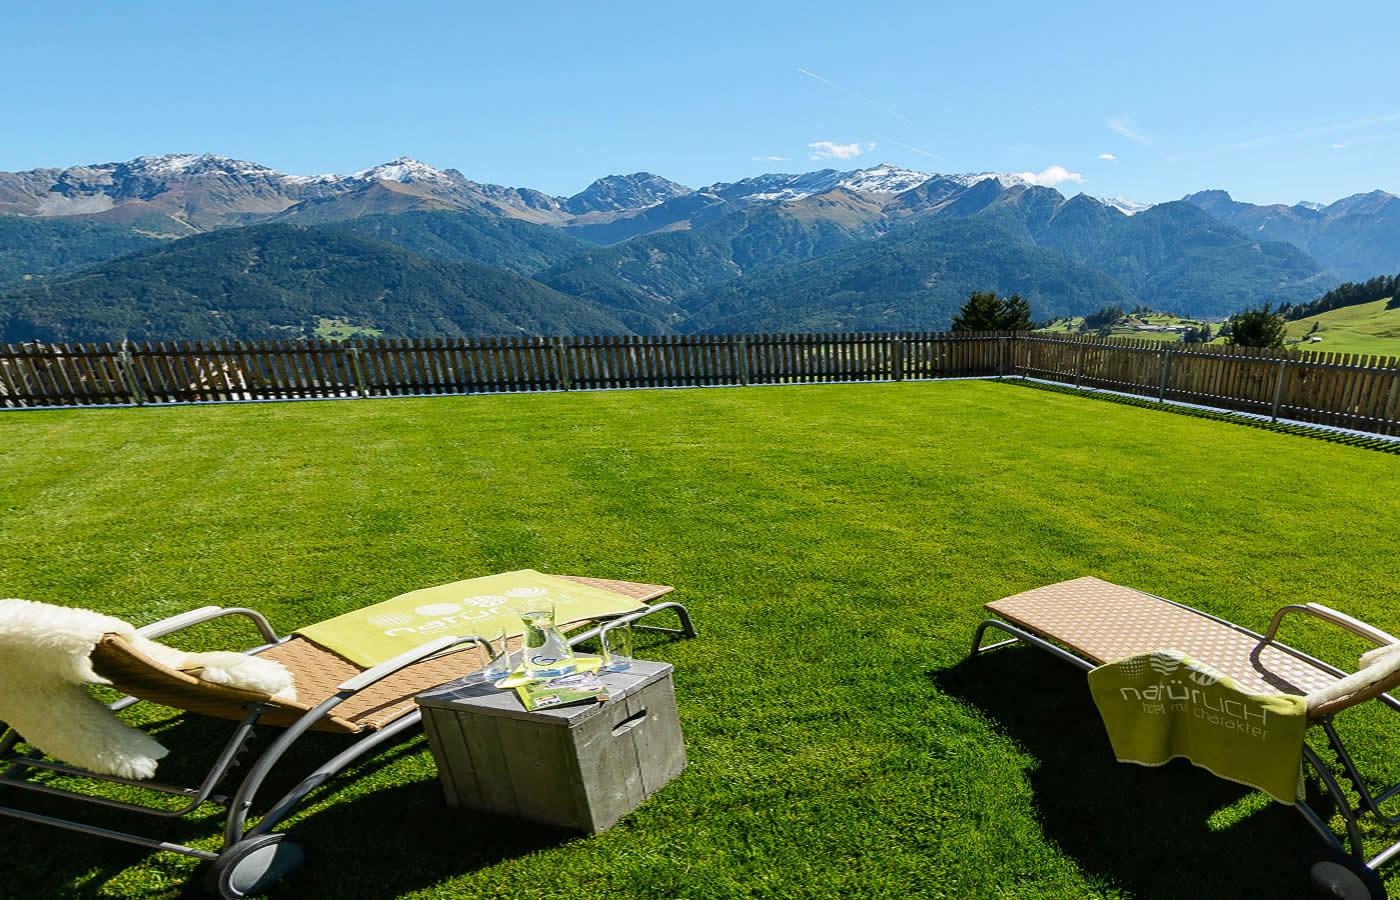 Hotel Natürlich Terrasse - Blick über die Berge Tirols.